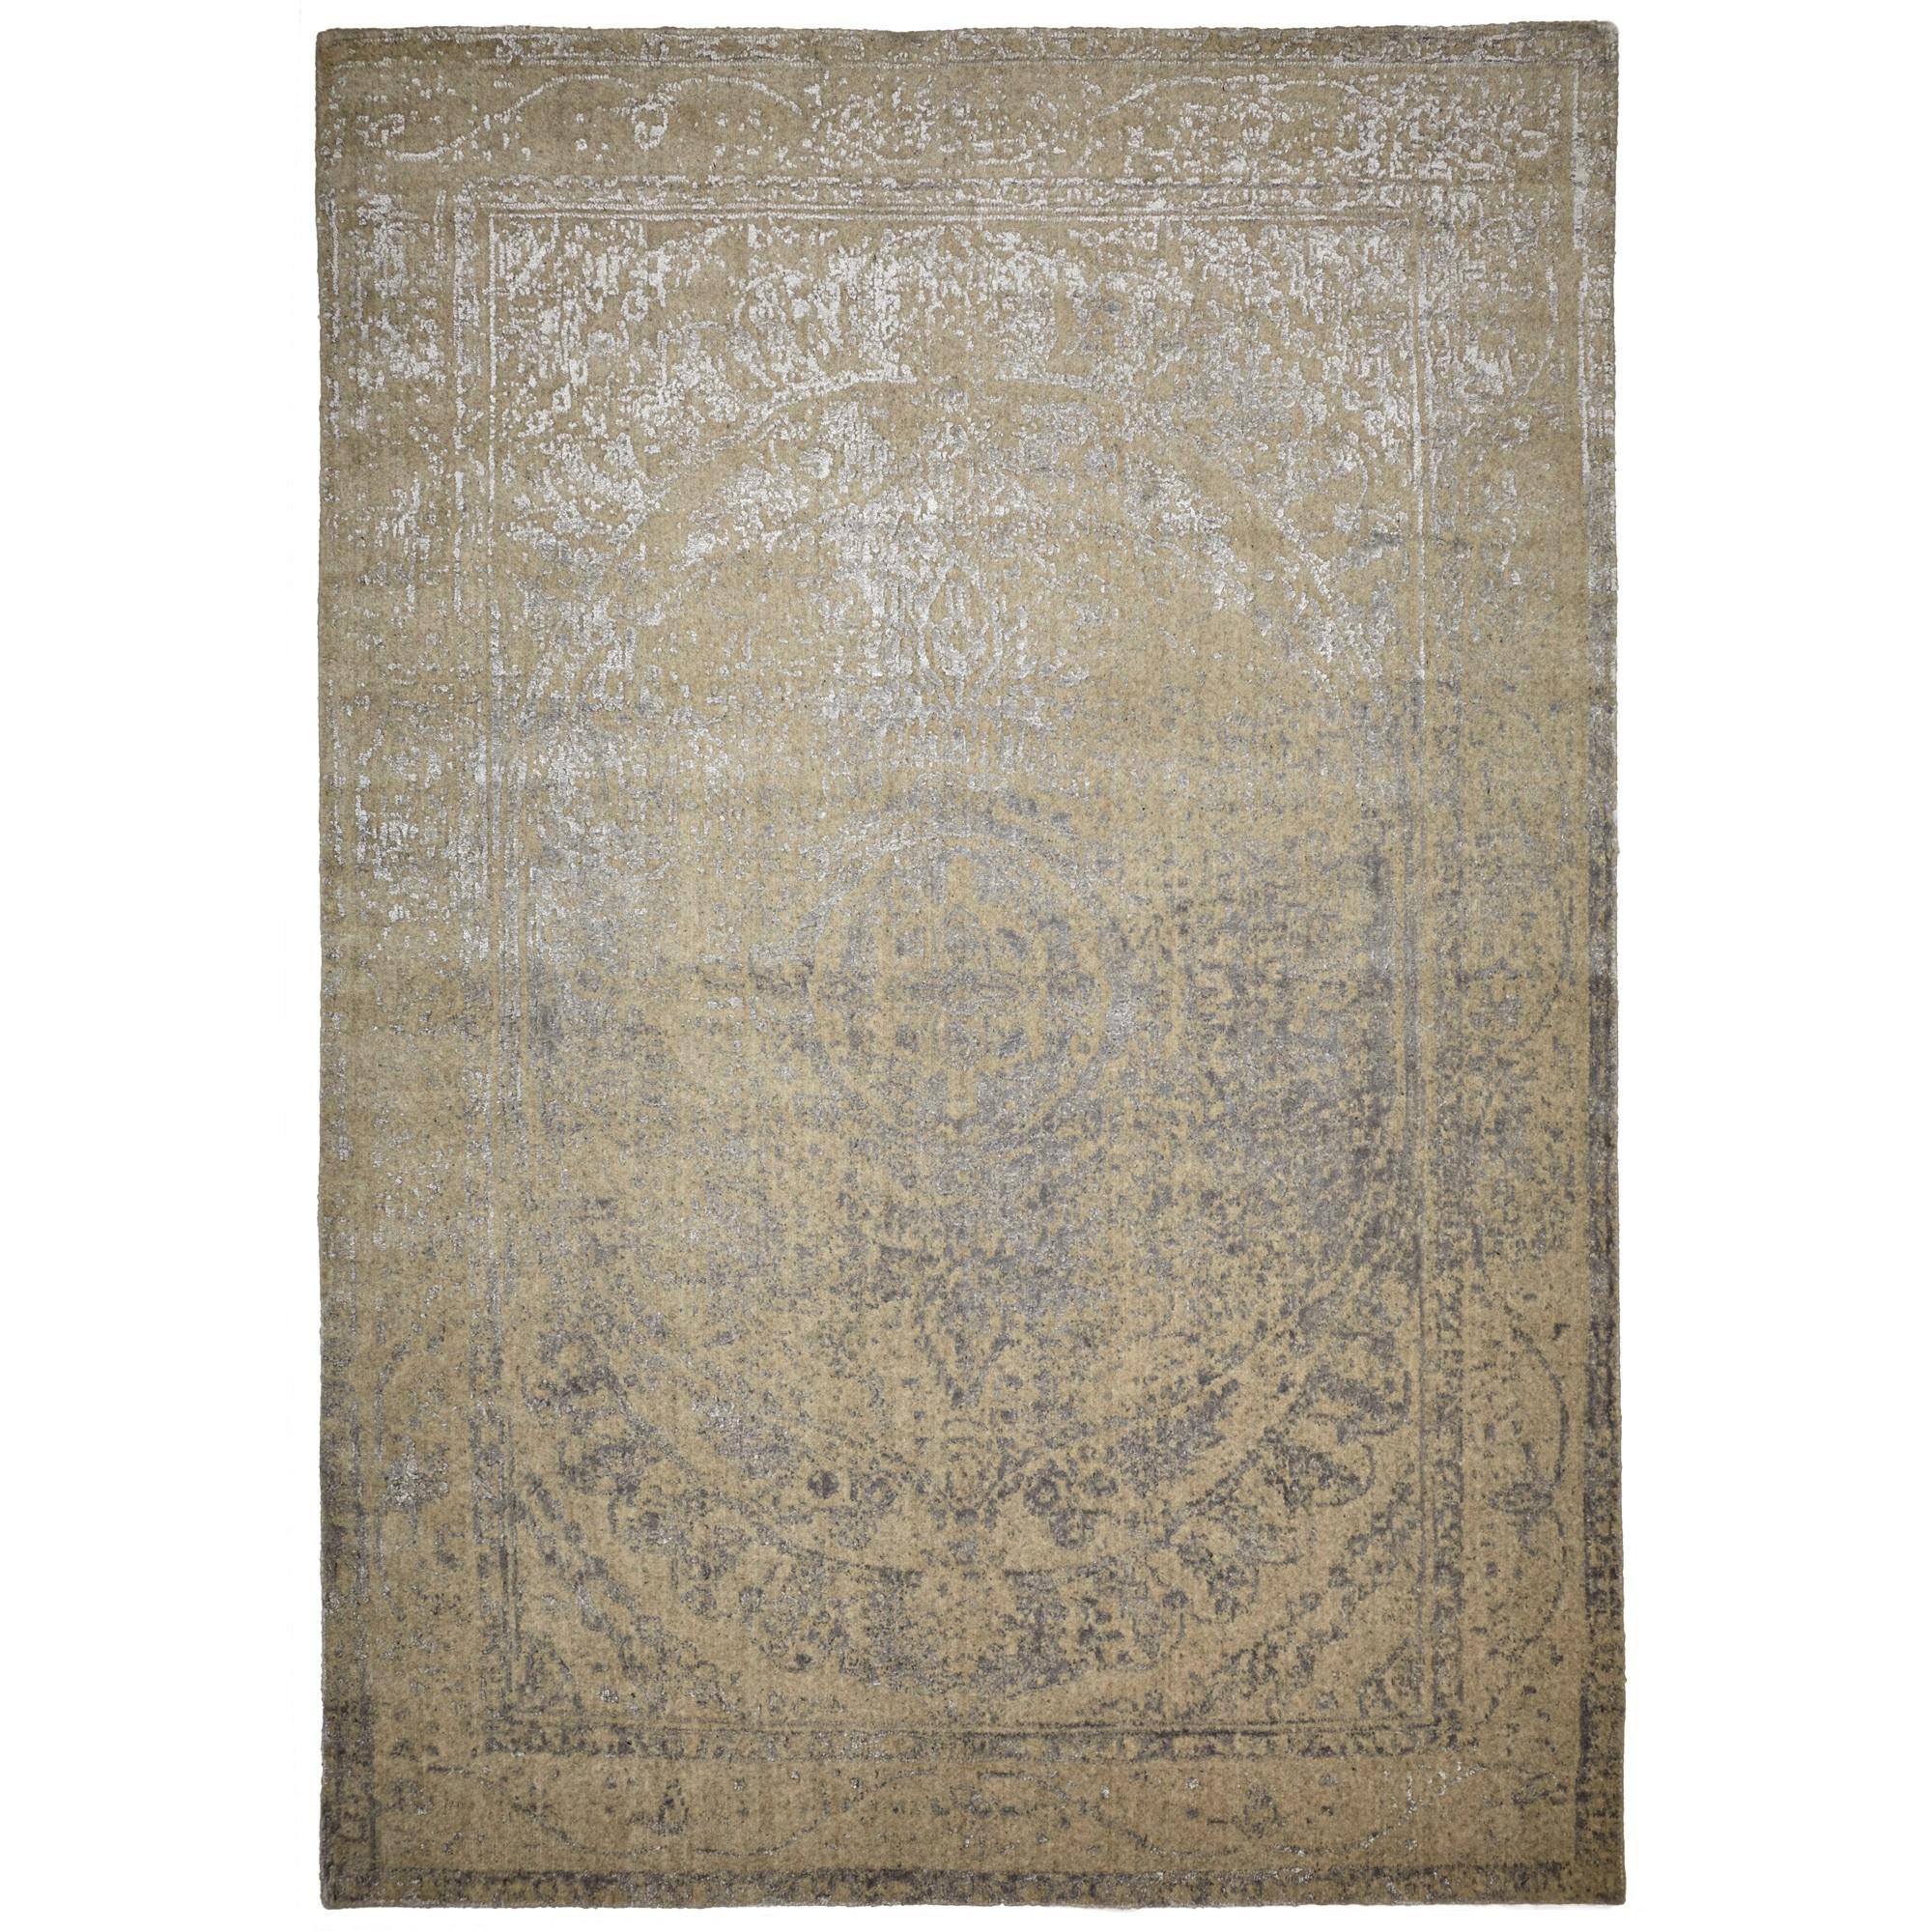 Vienna No.046 Handmade Wool Transitional Rug, 340x270cm, Beige